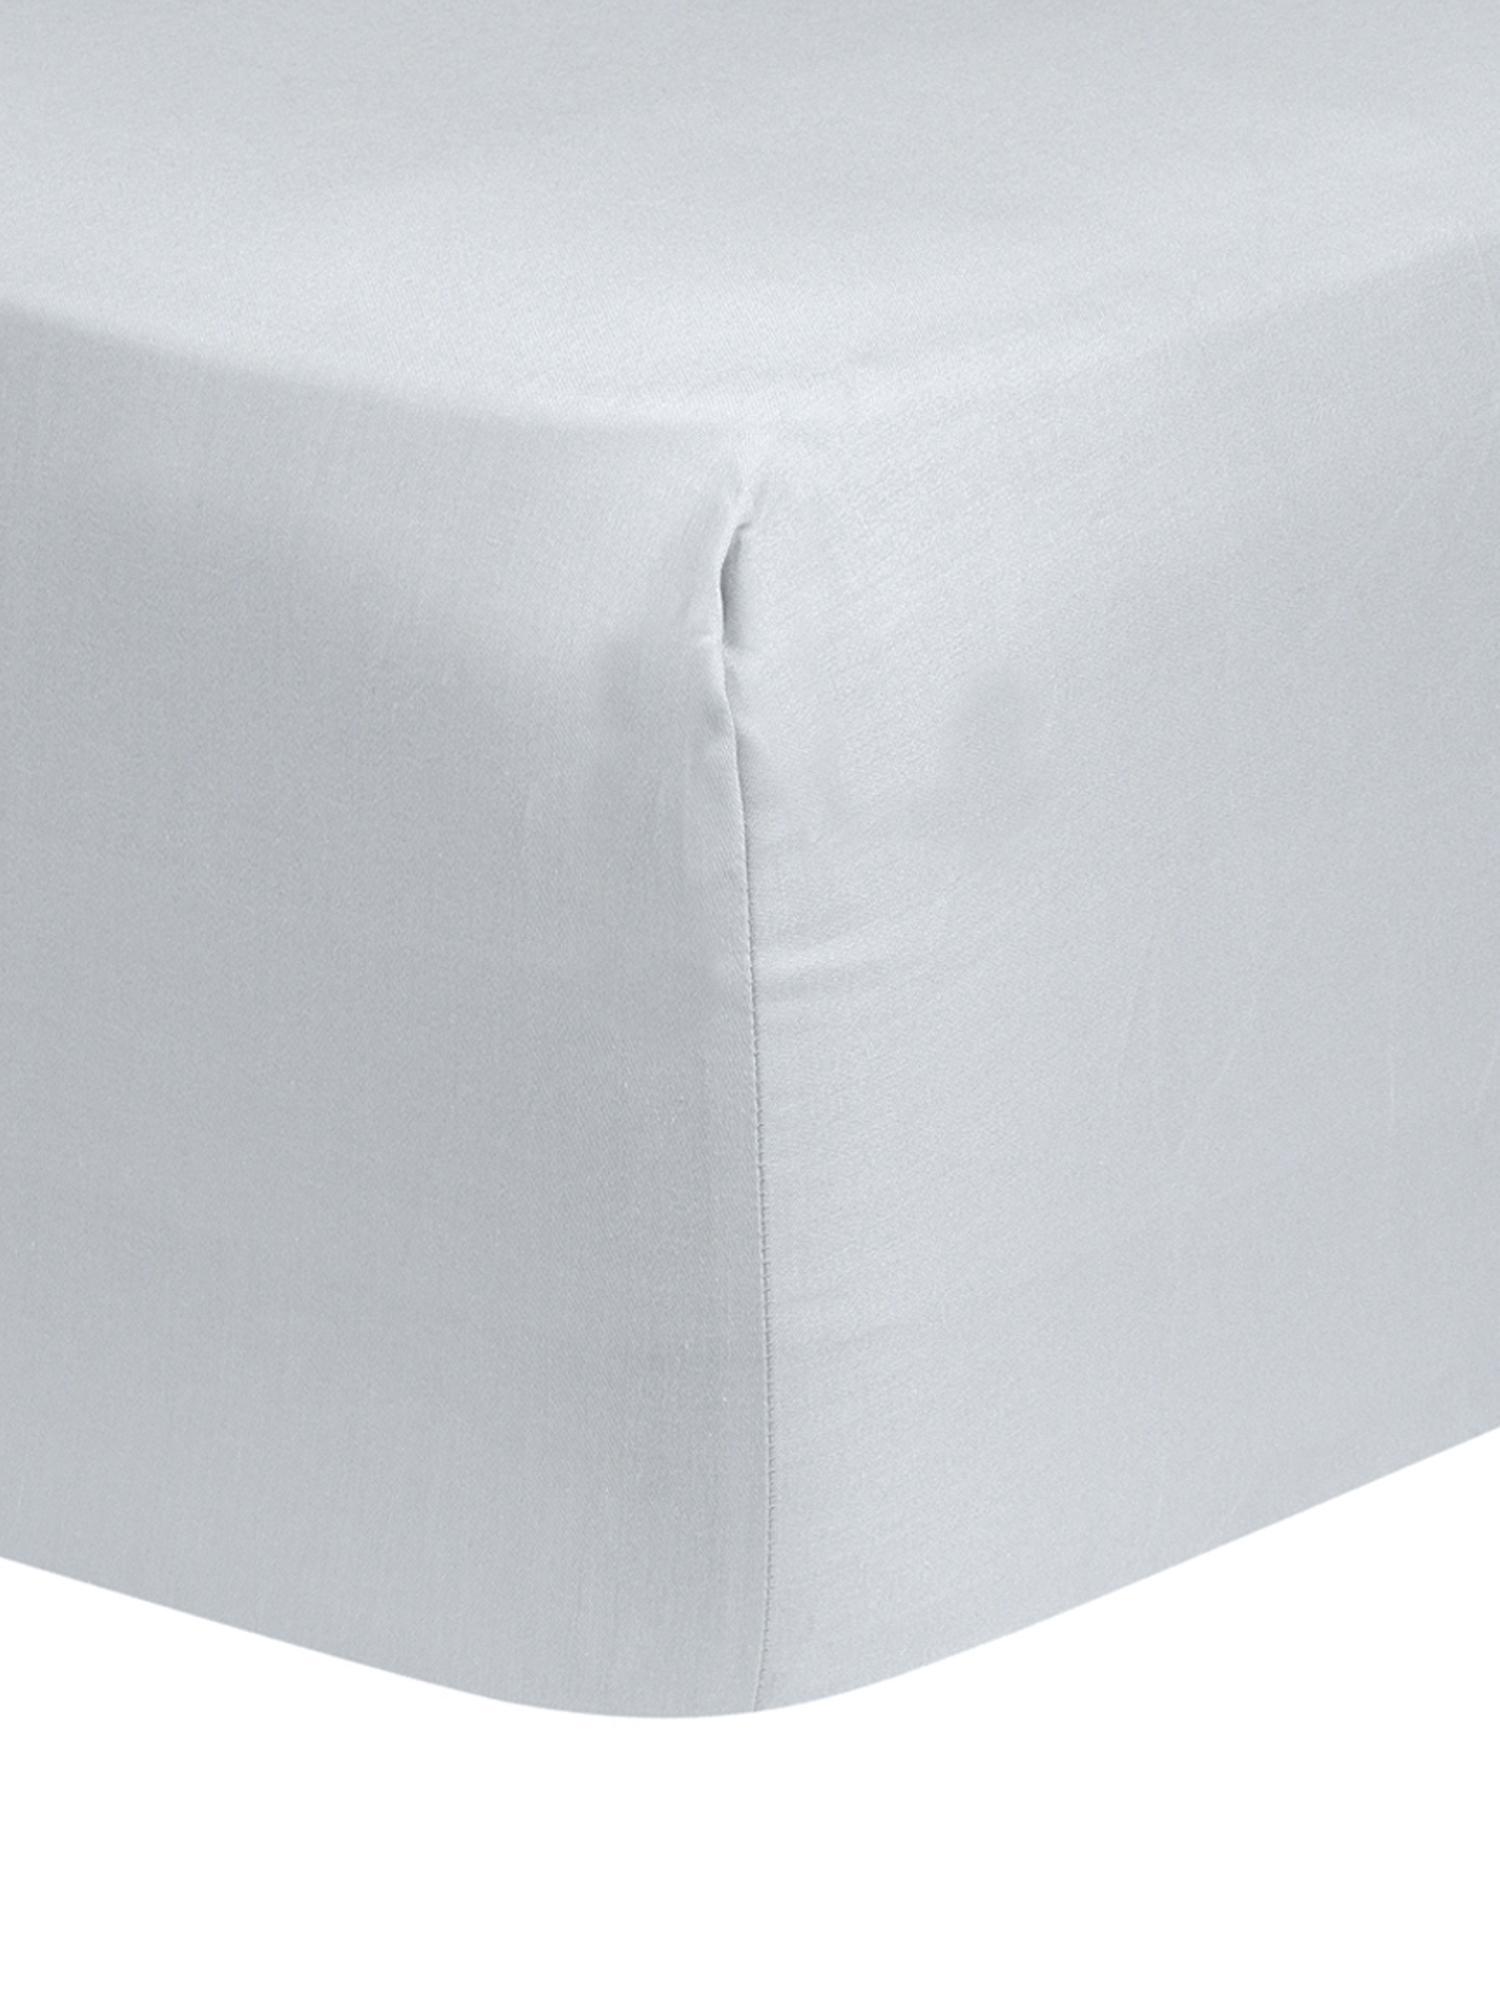 Boxspring-Spannbettlaken Comfort, Baumwollsatin, Webart: Satin, leicht glänzend, Hellgrau, 140 x 200 cm